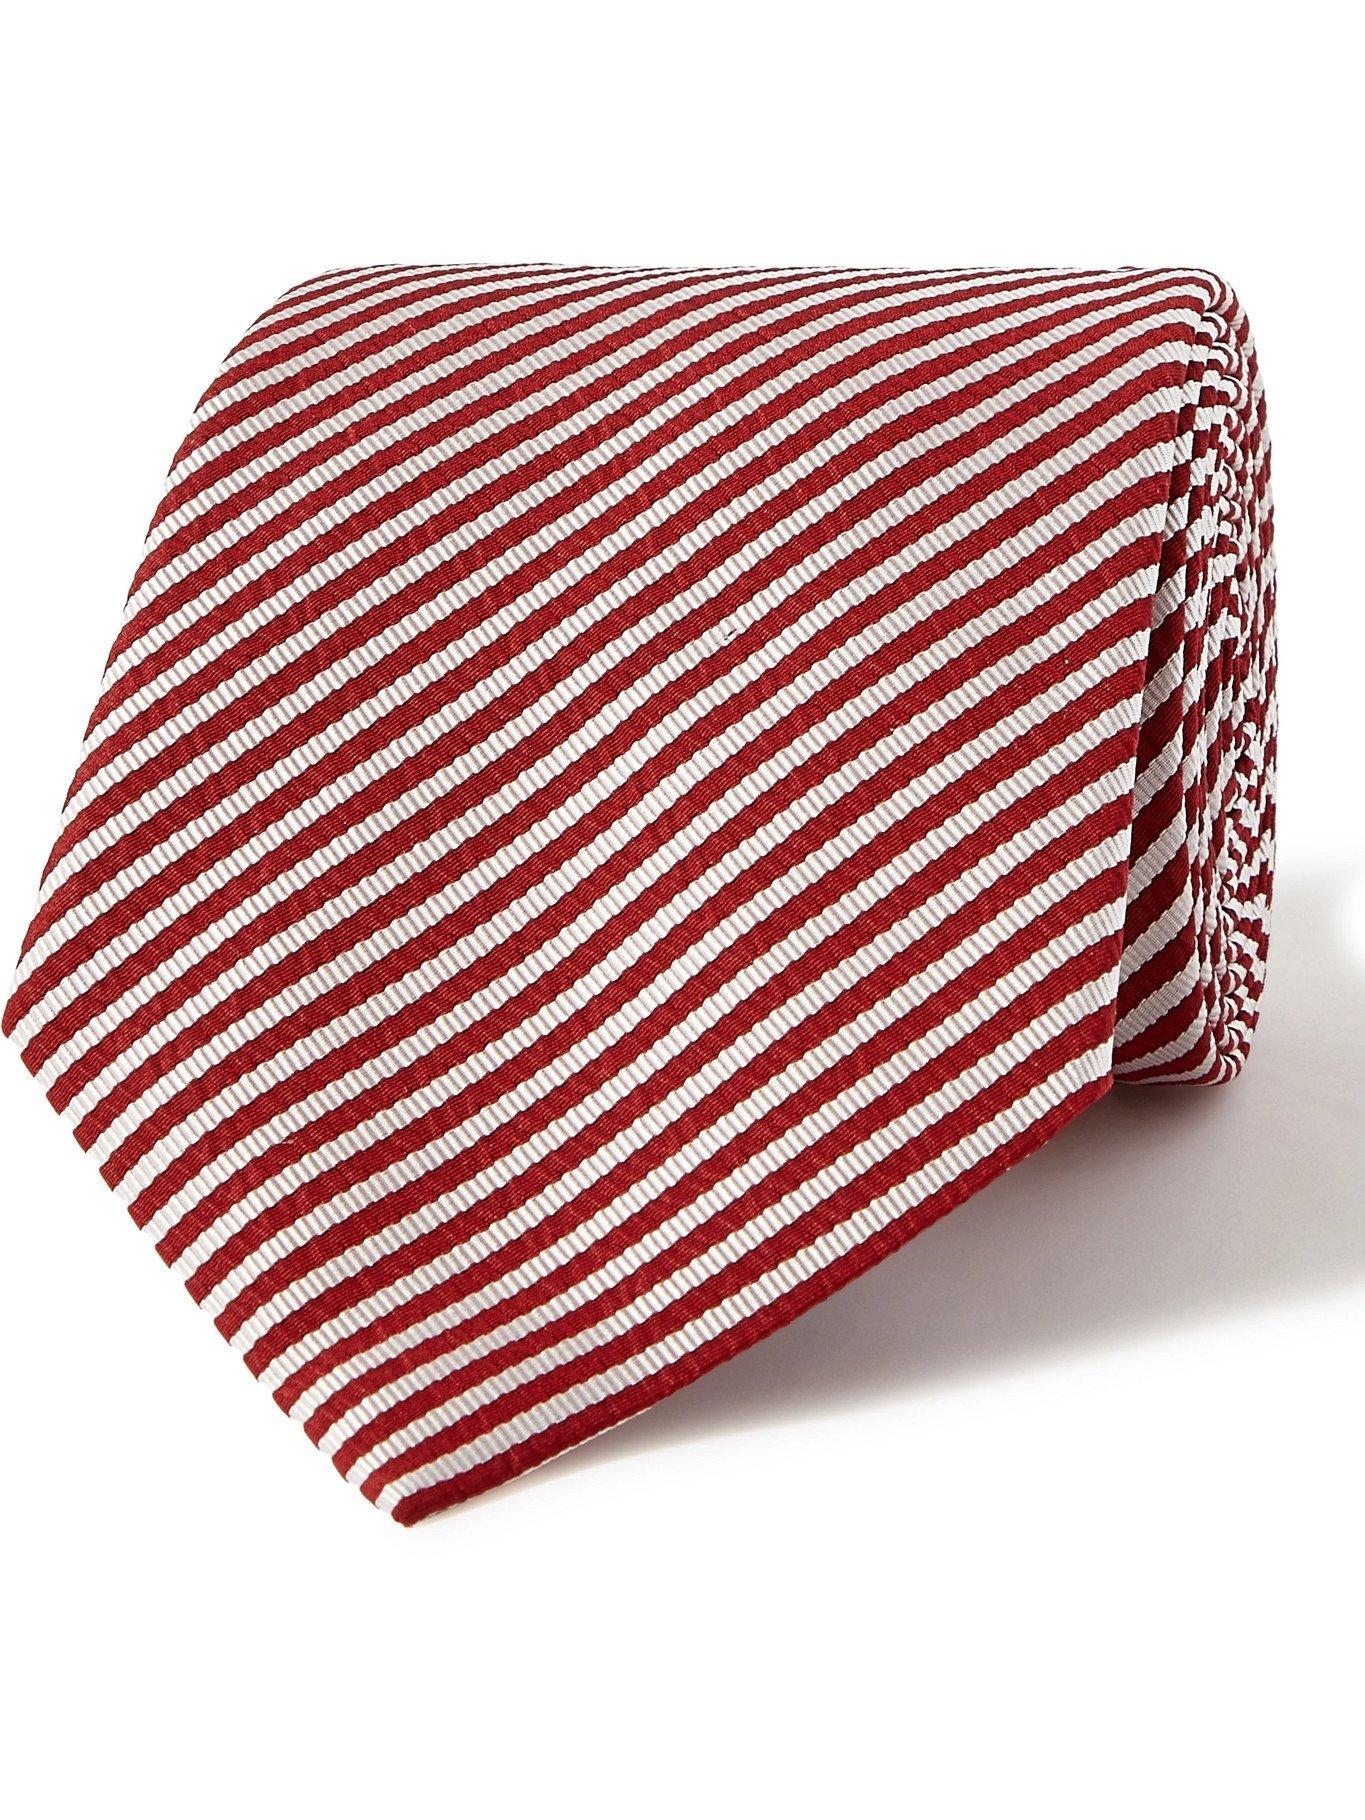 GIORGIO ARMANI - 8cm Striped Silk-Twill Tie - Red